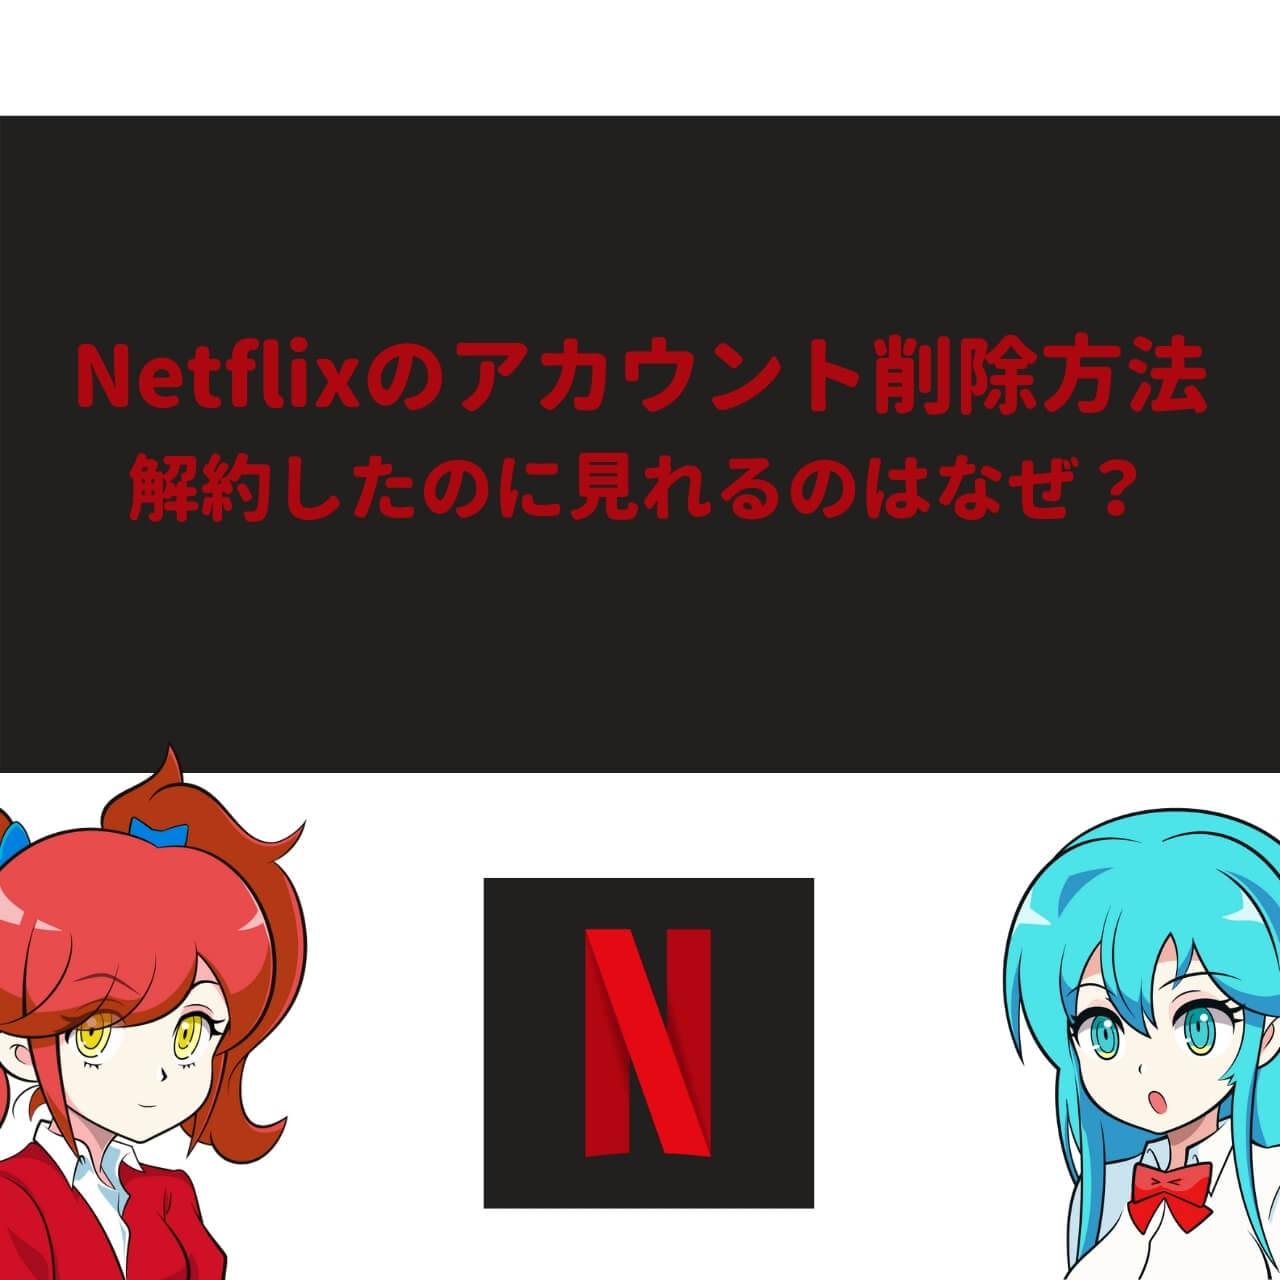 Netflixのアカウント削除方法 | 解約したのに見れるのはなぜ?